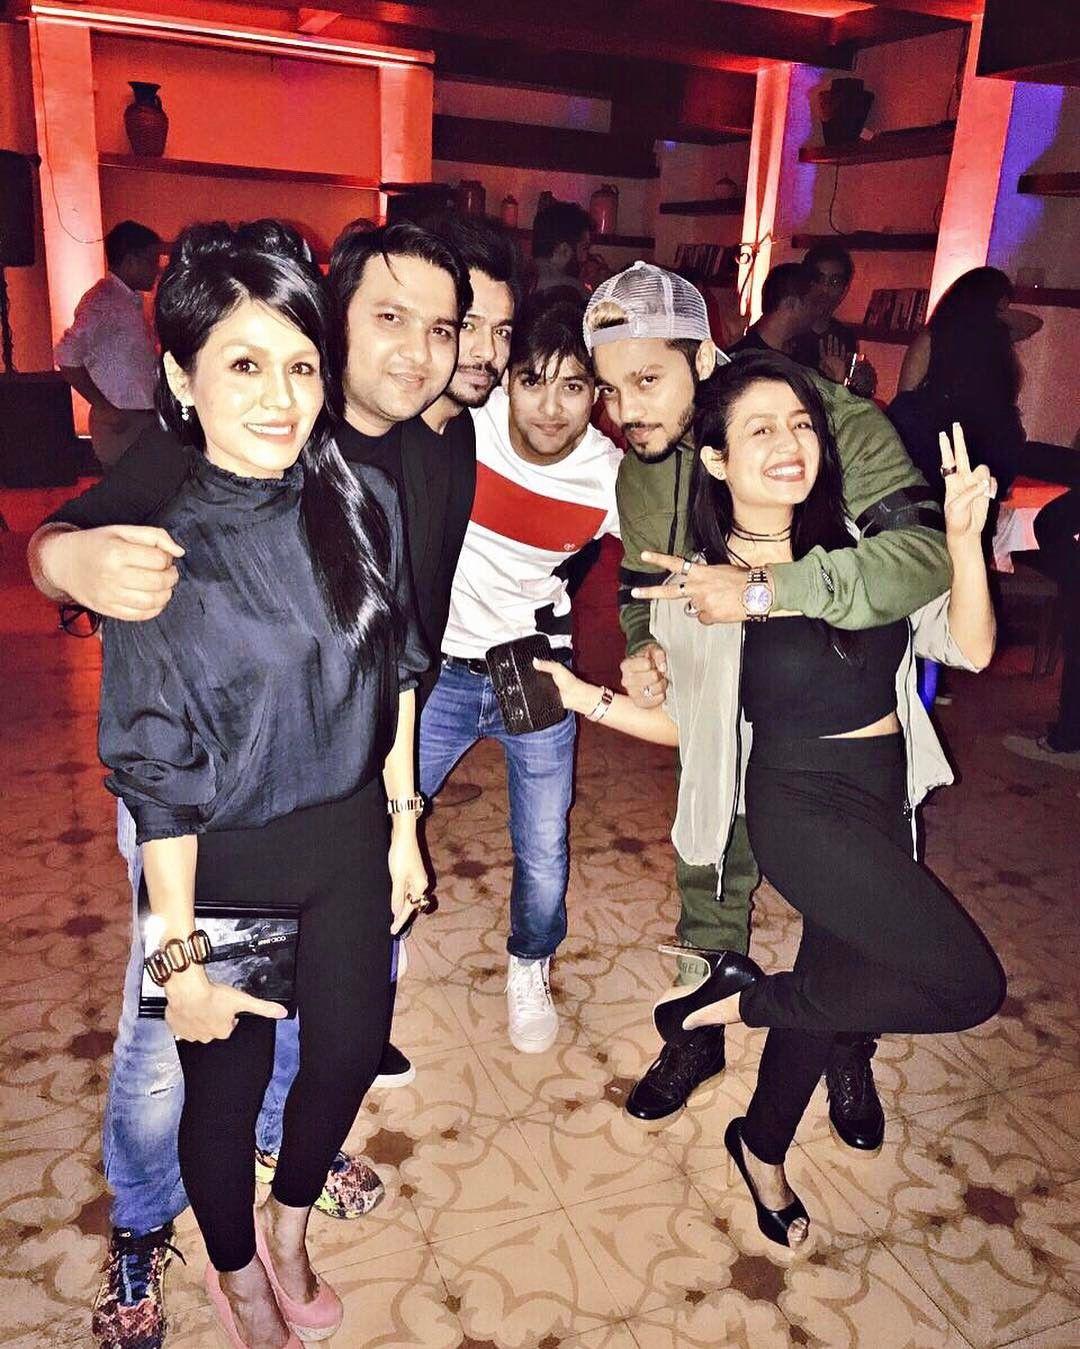 Akkar Bakkar Kakkar Raa Raa Raftaar Nehakakkar Sonukakkarofficial Tonykakkar Dnhartists Family Positive Blessed Peace Neha Kakkar Singer Selfie